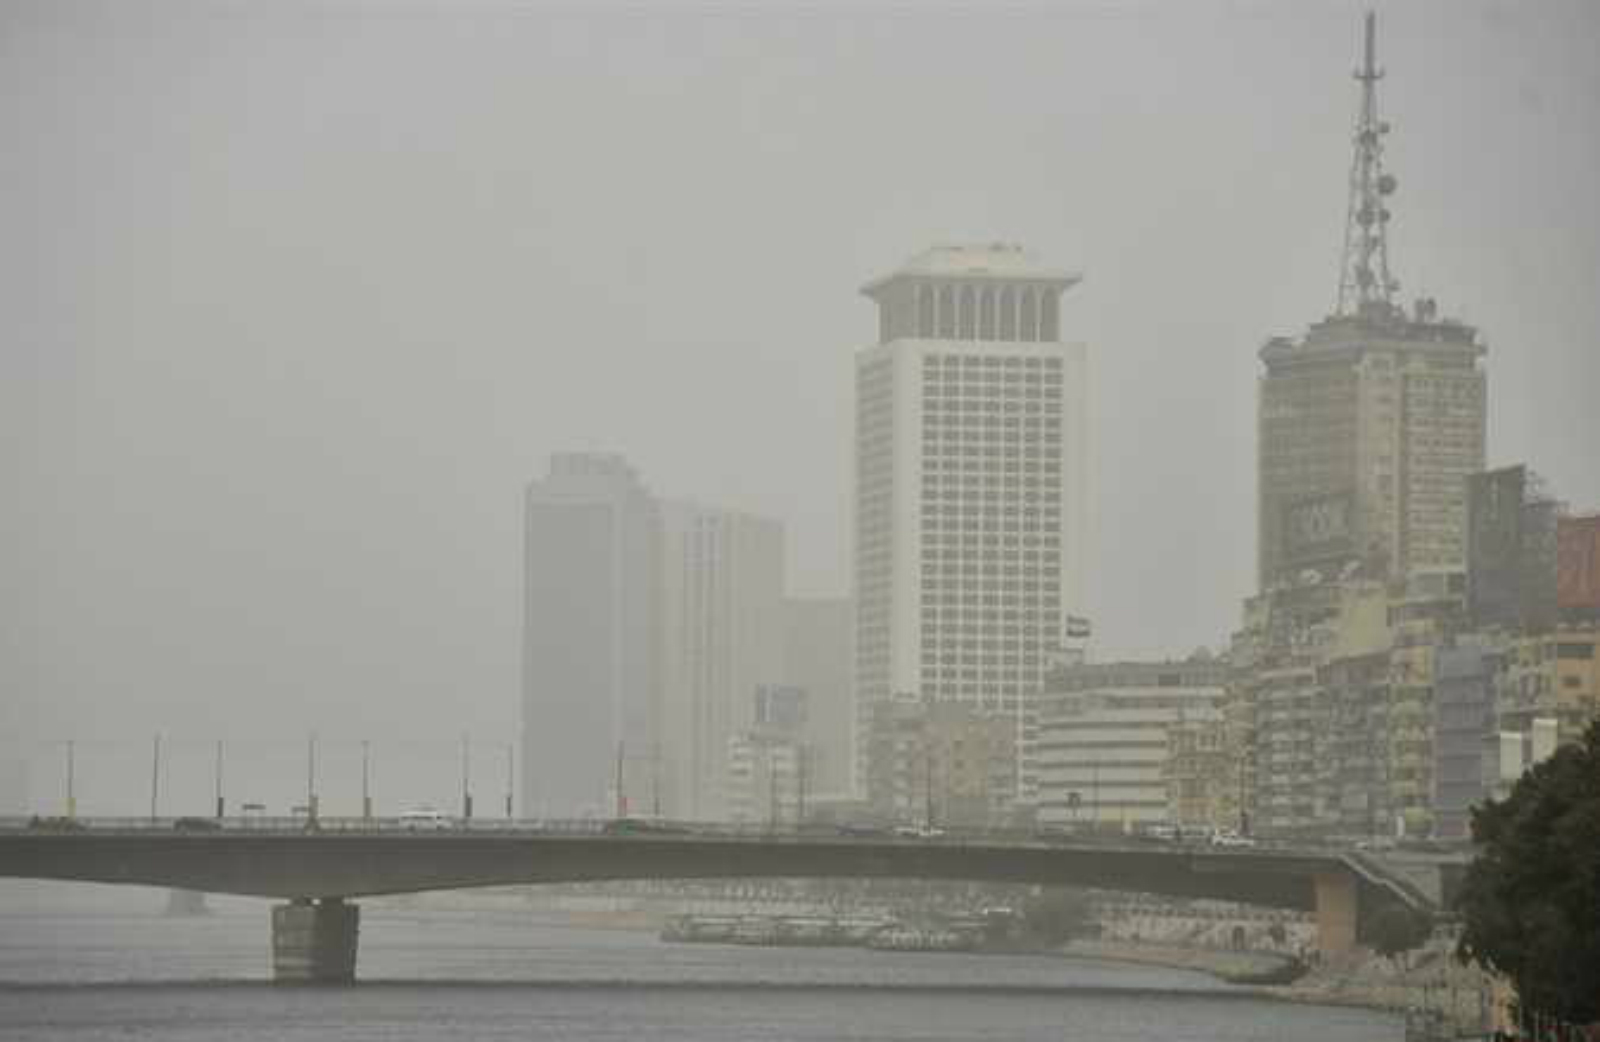 هيئة الأرصاد الجوية تعلن حالة الطقس اليوم والظواهر الجوية المتوقعة حتى الثلاثاء القادم 3